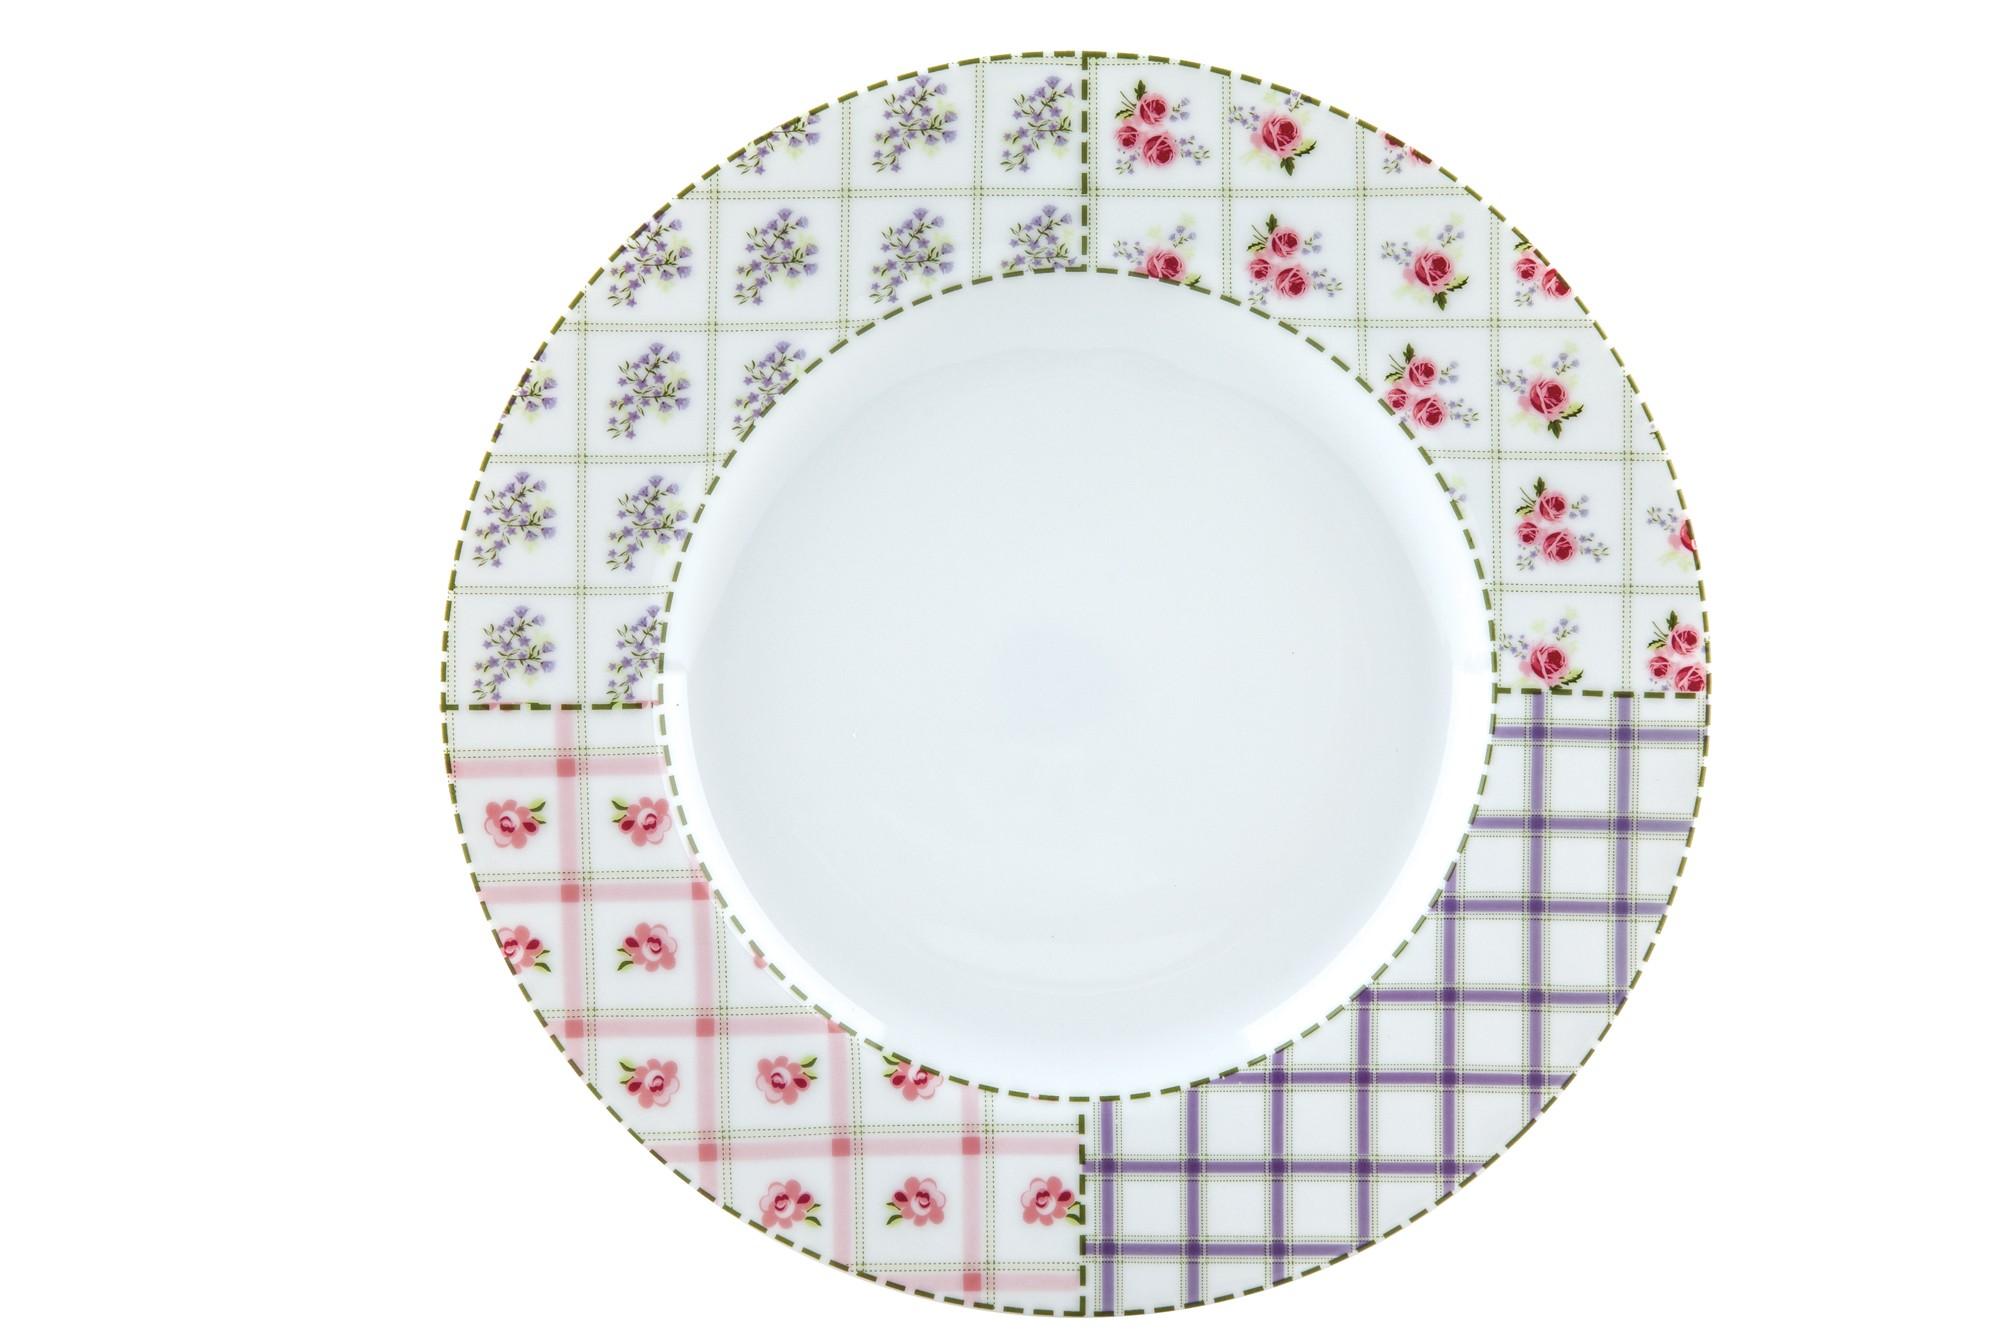 Πιάτο Ρηχό Σετ 6Τμχ Patchwork 26,5cm Ionia home   ειδη σερβιρισματος   πιάτα